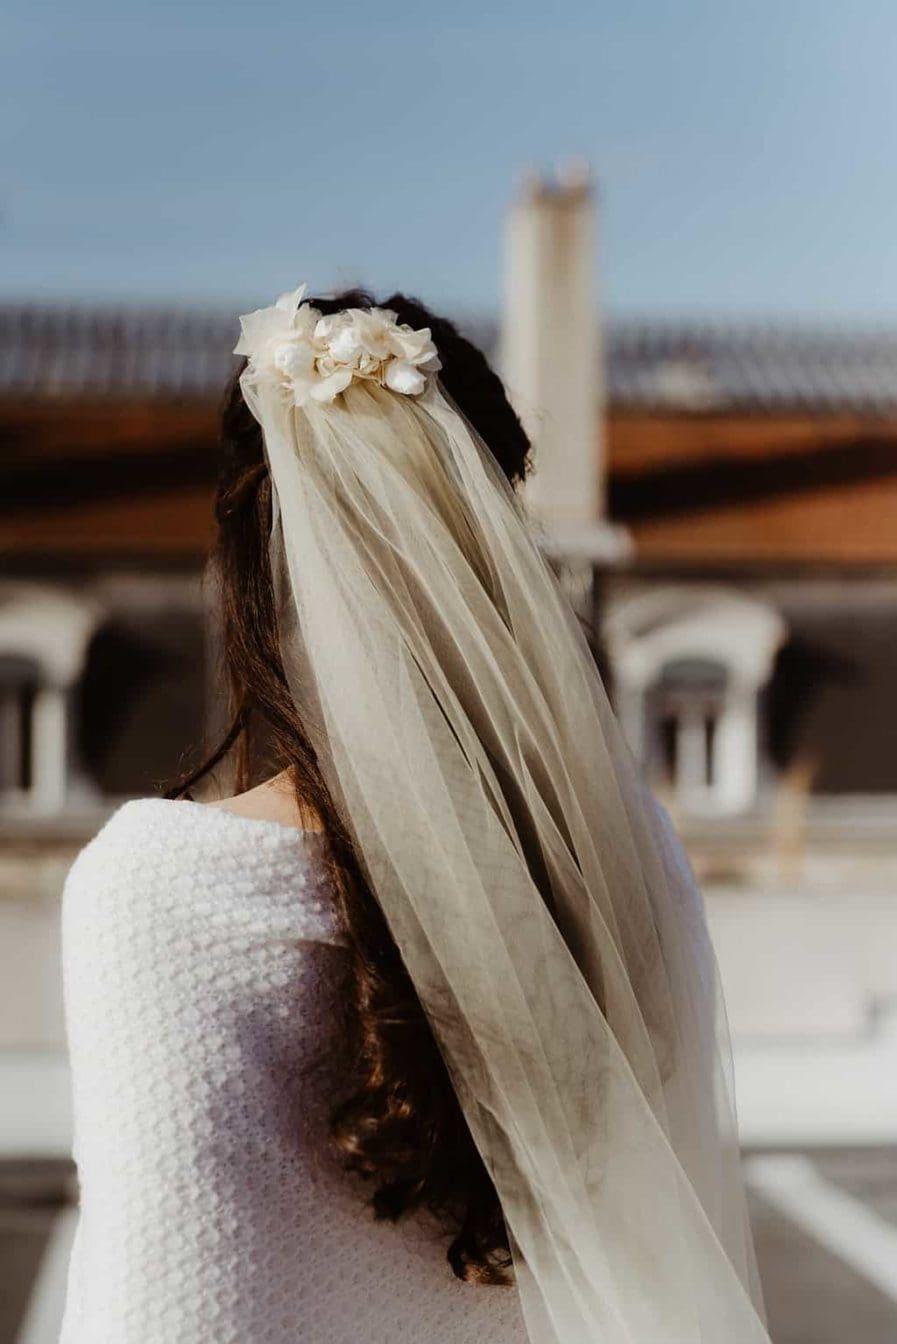 Photographie Anaïs Nannini - Voile de mariée fleuri Ella - Couleur Champagne - Voile de mariage fleuri - Collection capsule 2018